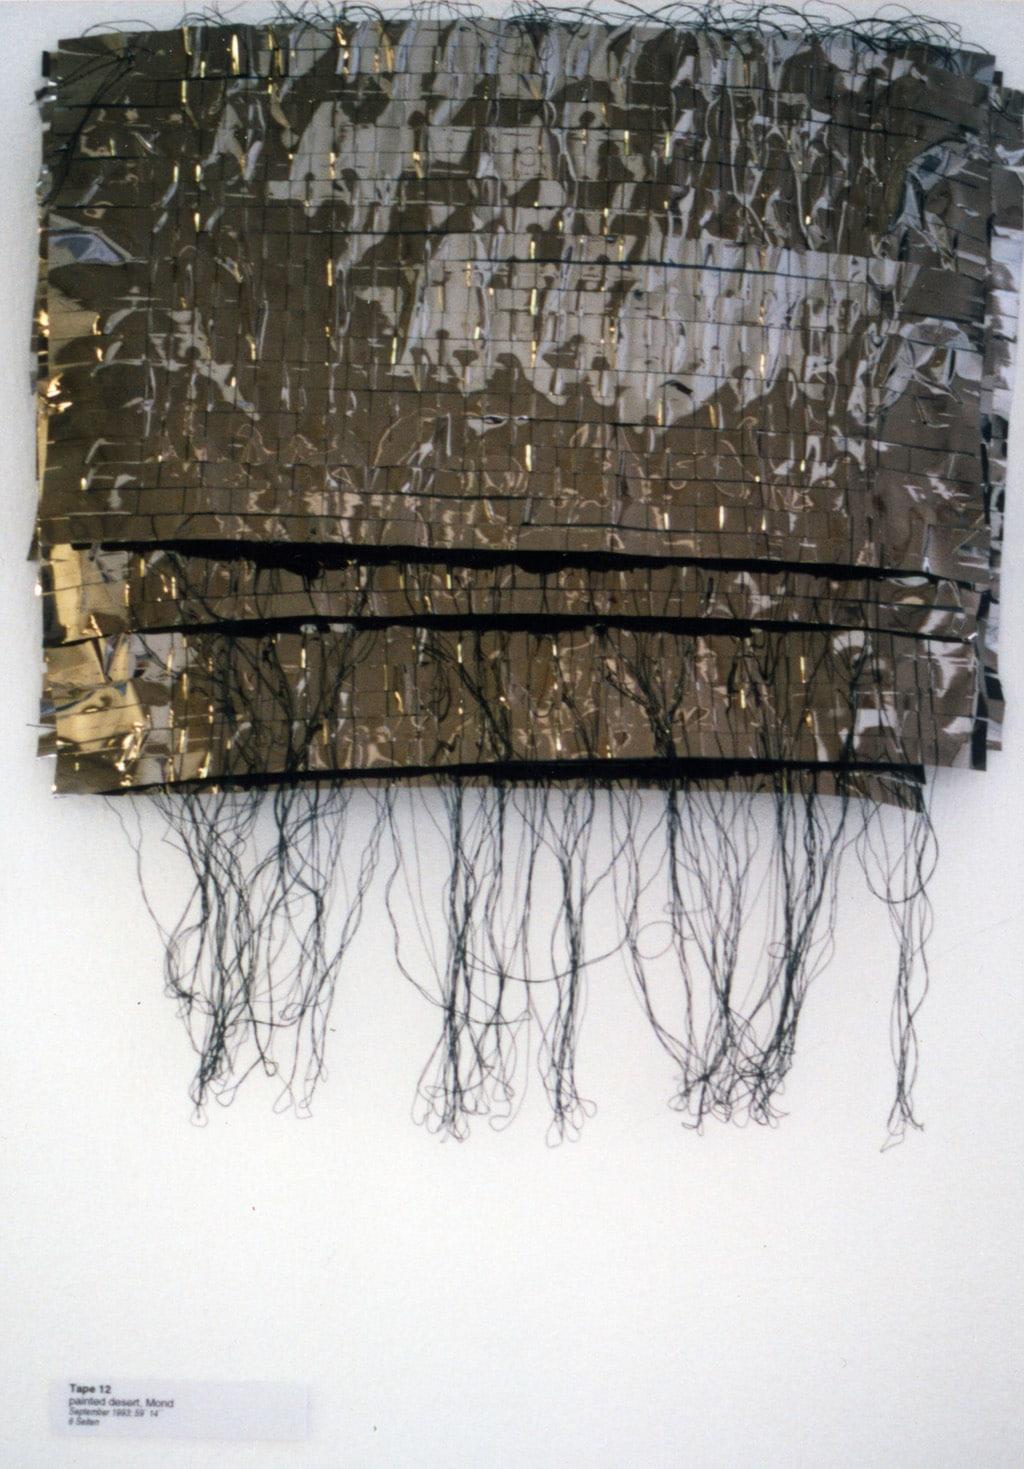 Hildegard Spielhofer, «Ich habe mir meine Erinnerung zerstört», Tape 1-22, 1996, Objekt aus geflochtenen Videobändern; Courtesy Hildegard Spielhofer